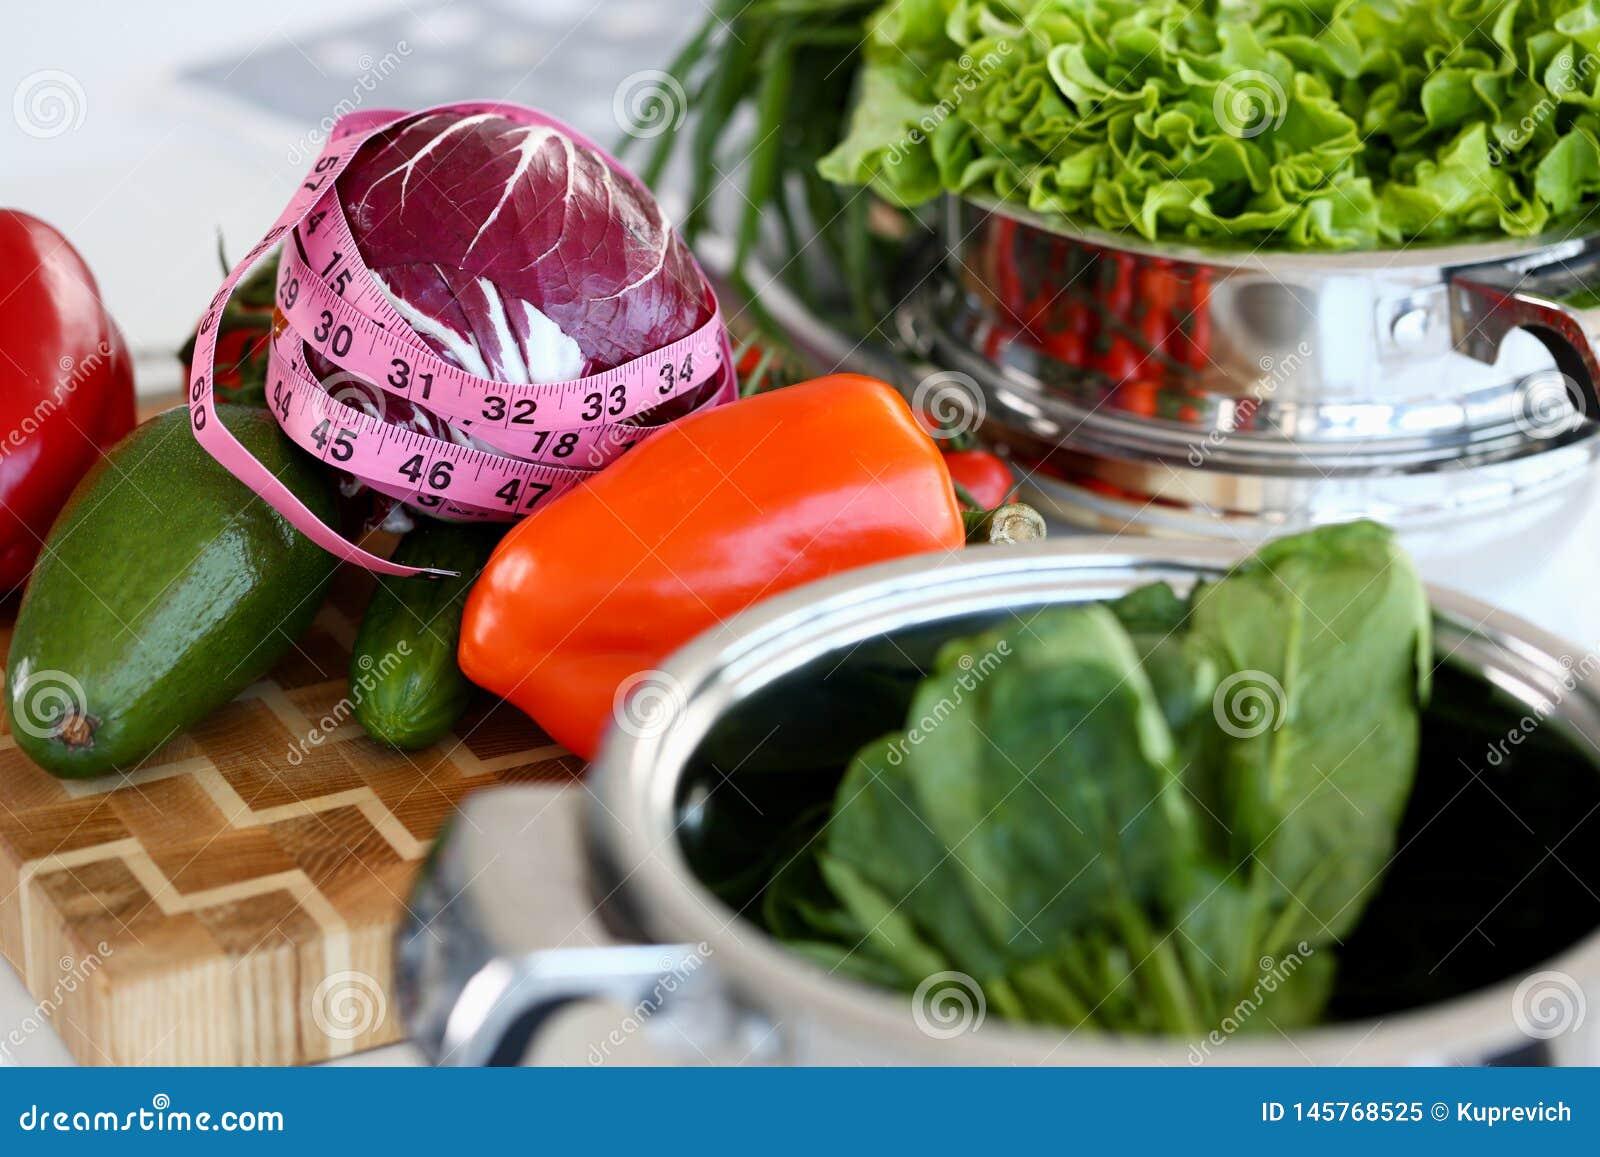 Υγιές ανάμεικτο μαγειρικό φυτικό συστατικό